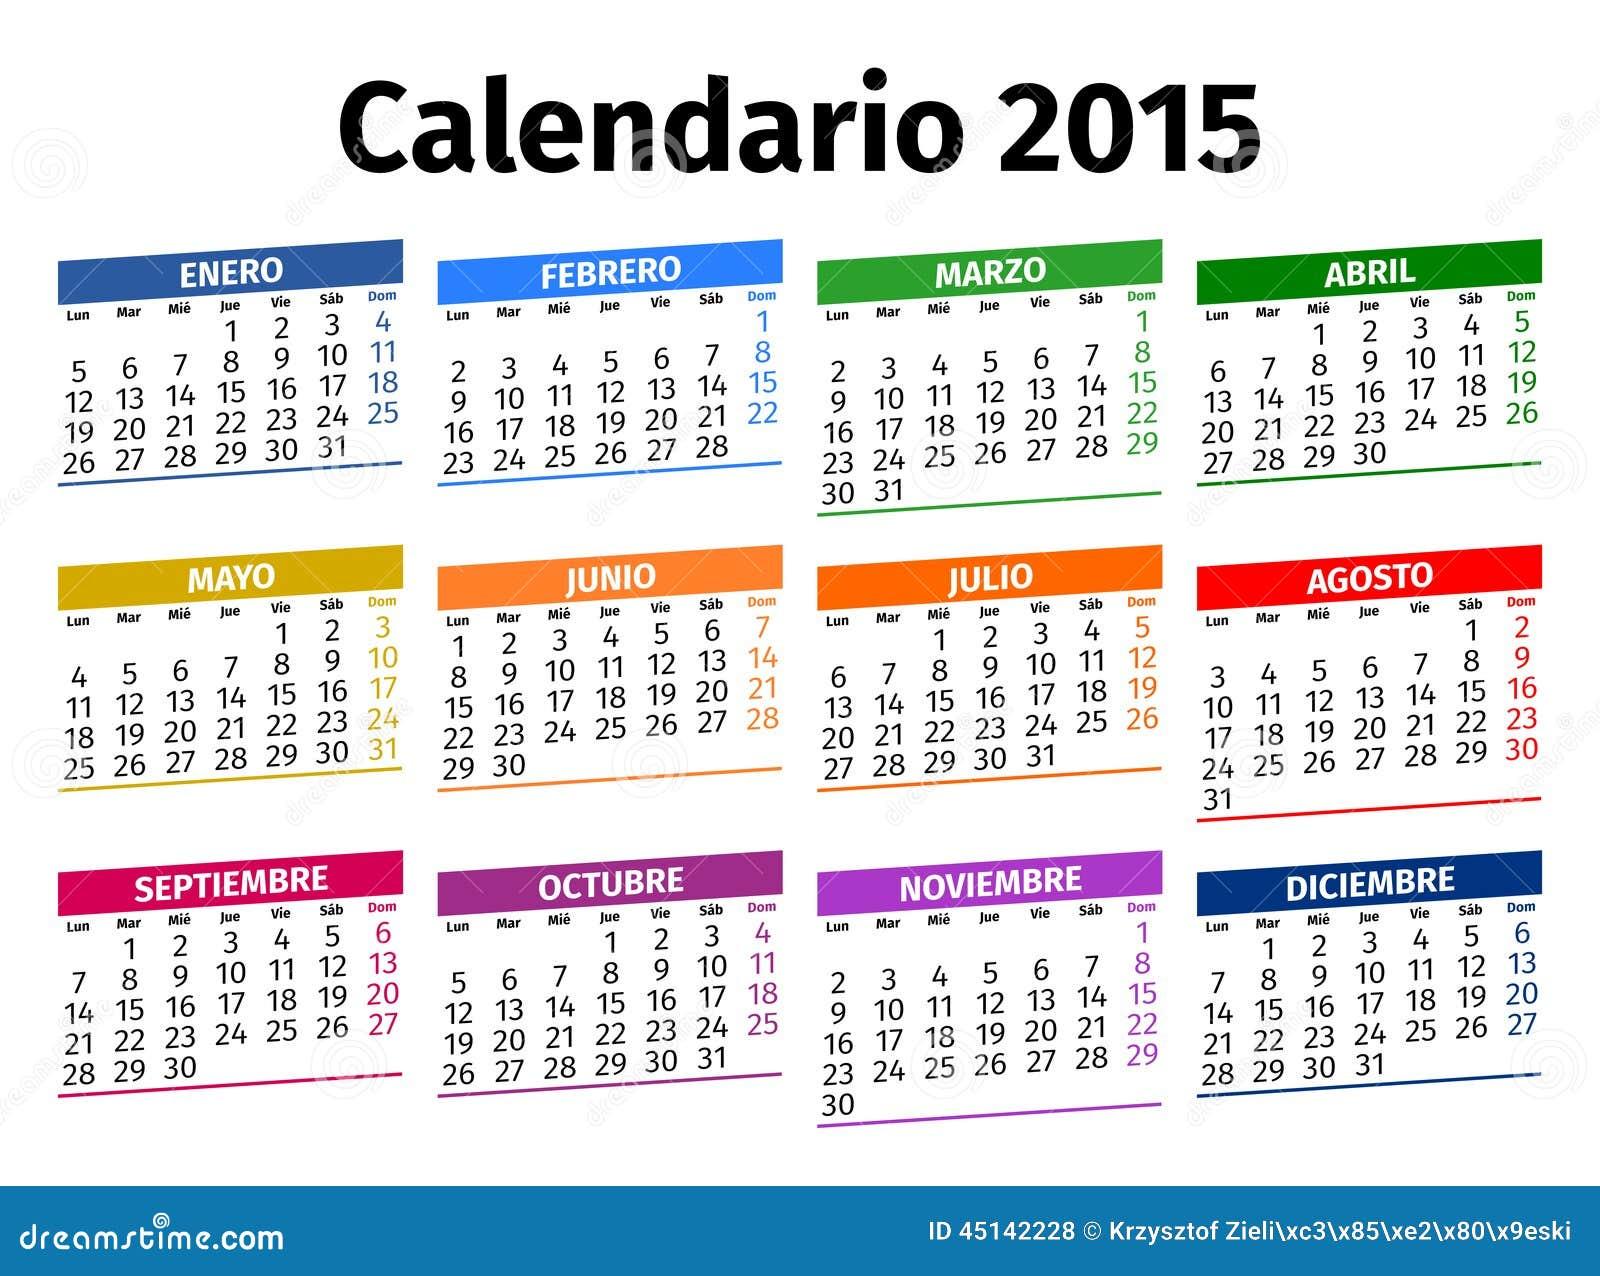 Calendario In Spagnolo.Calendario Spagnolo 2015 Illustrazione Vettoriale